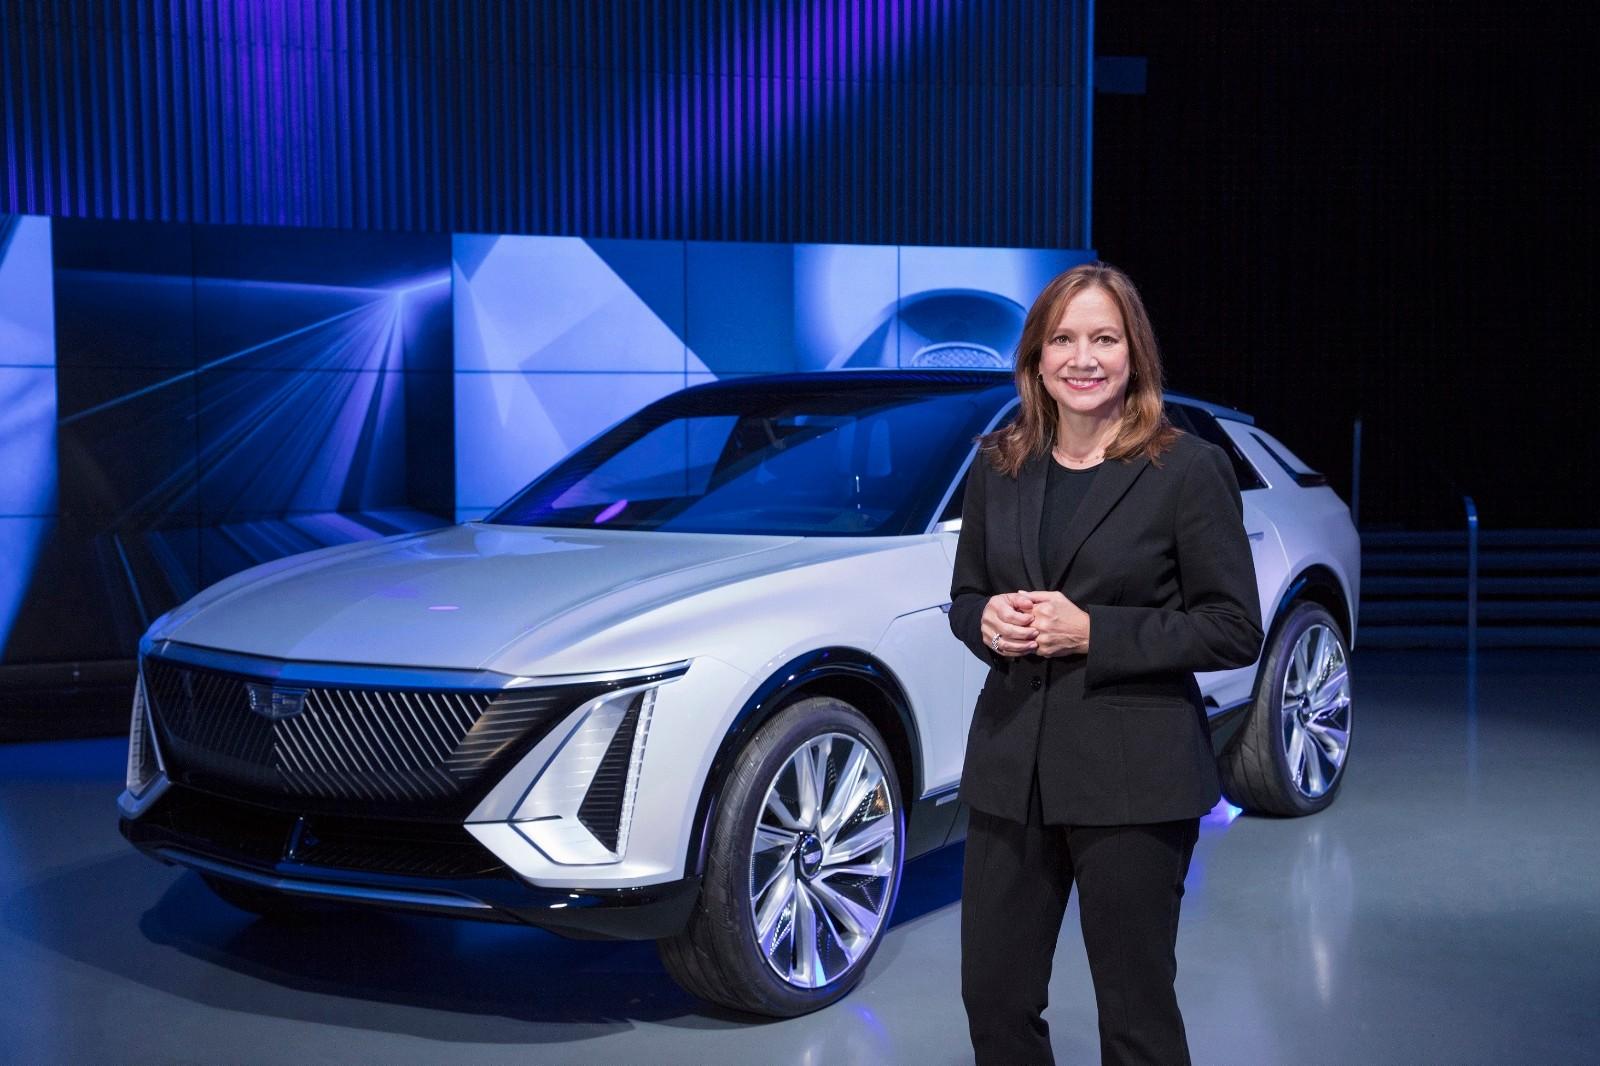 通用汽车董事长兼首席执行官玛丽·博拉女士在通用汽车科技展望日上致辞